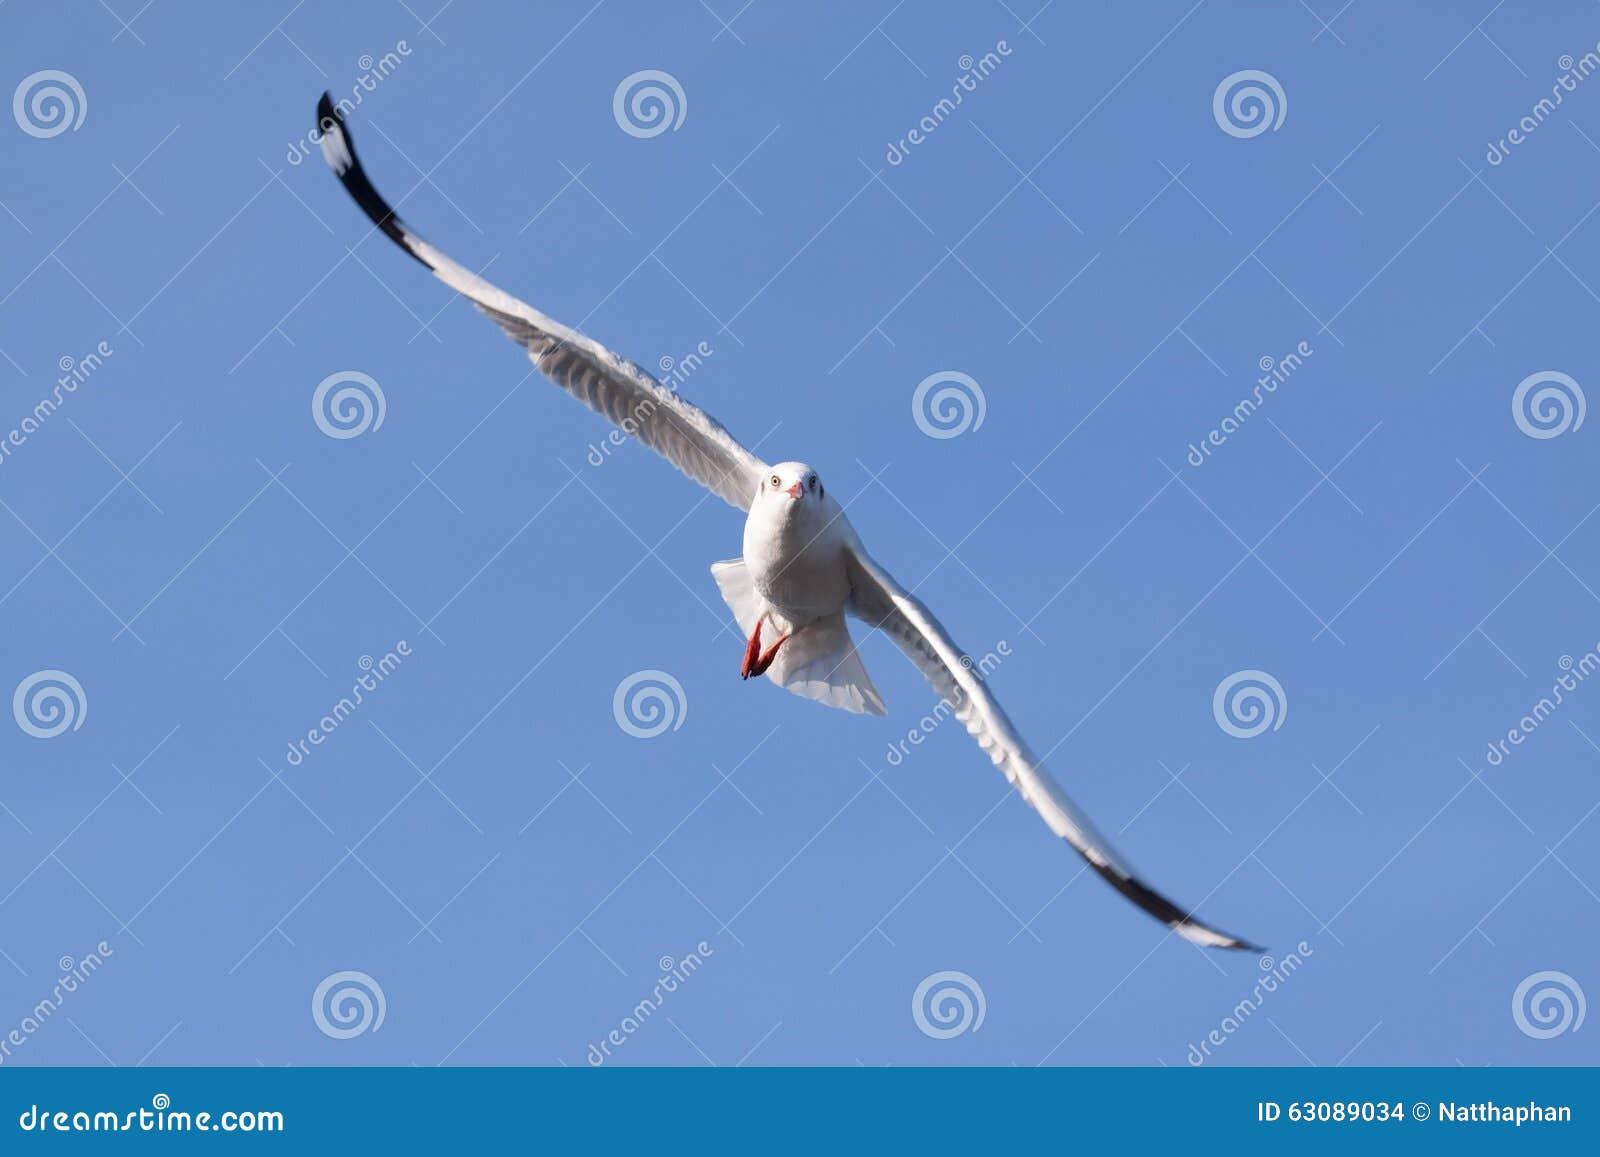 Download Mouette en vol photo stock. Image du propagation, animaux - 63089034